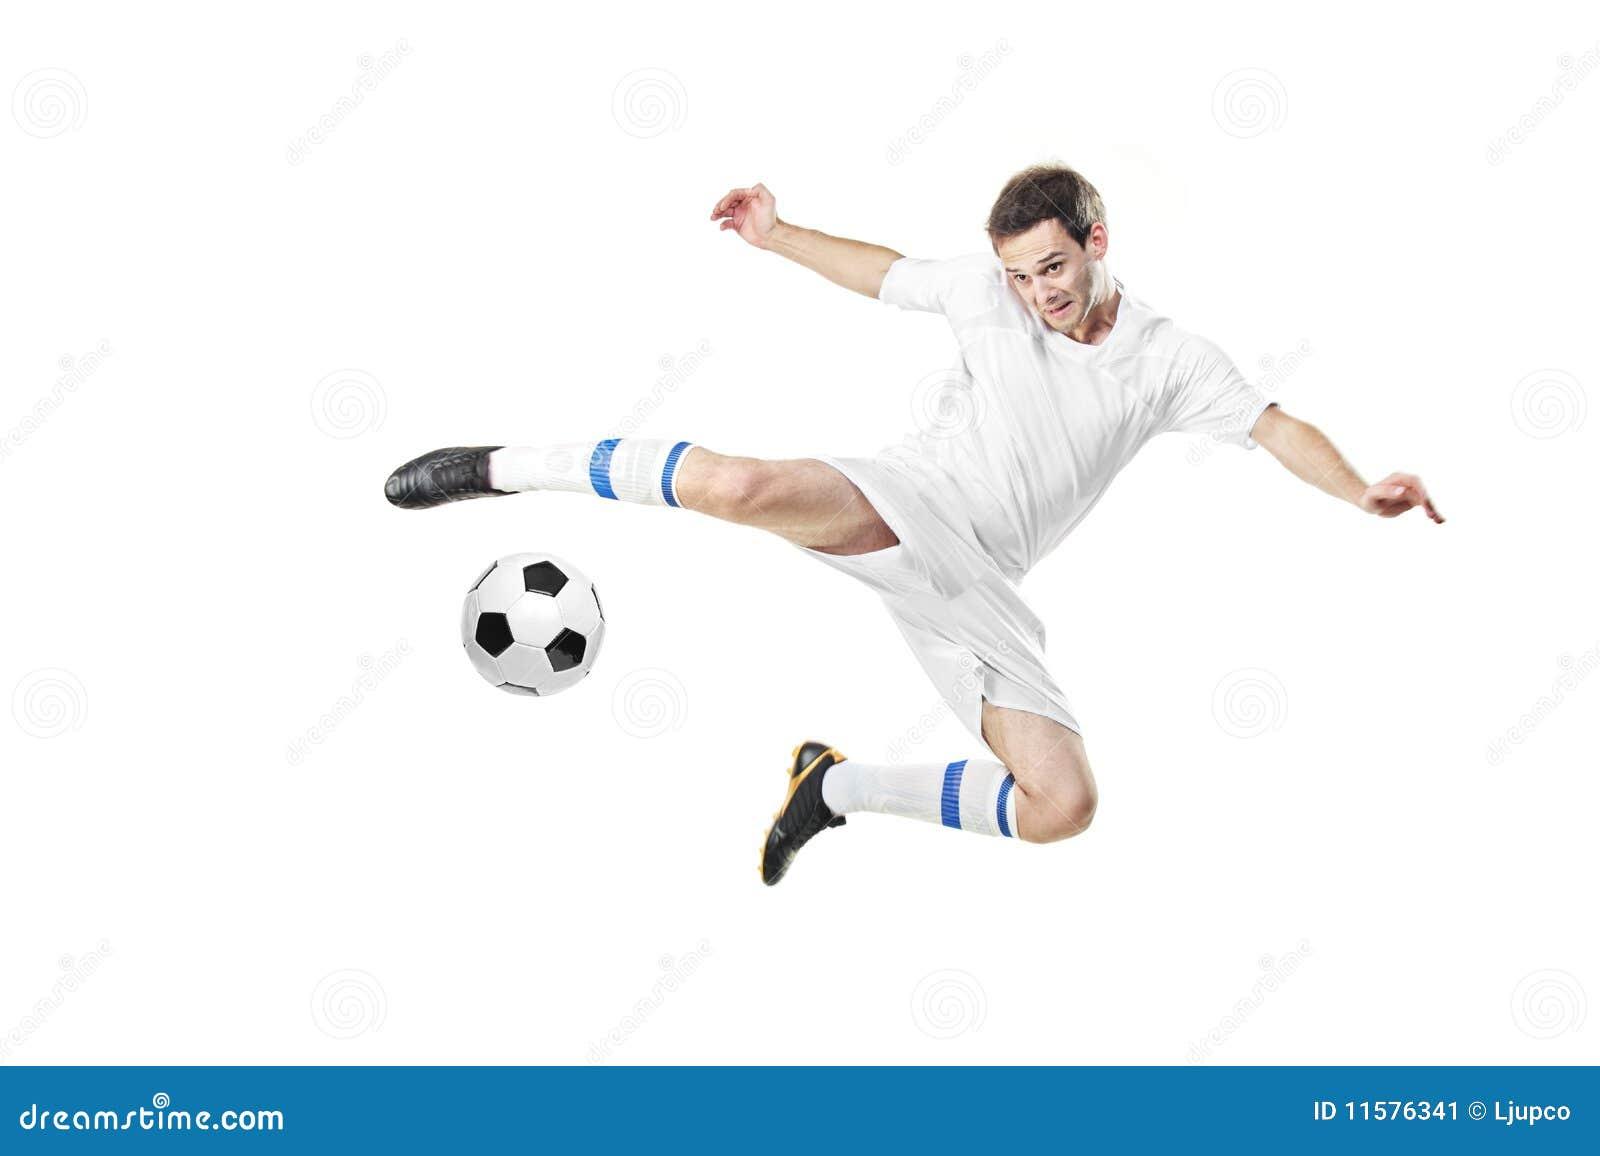 Voetballer met een bal in actie